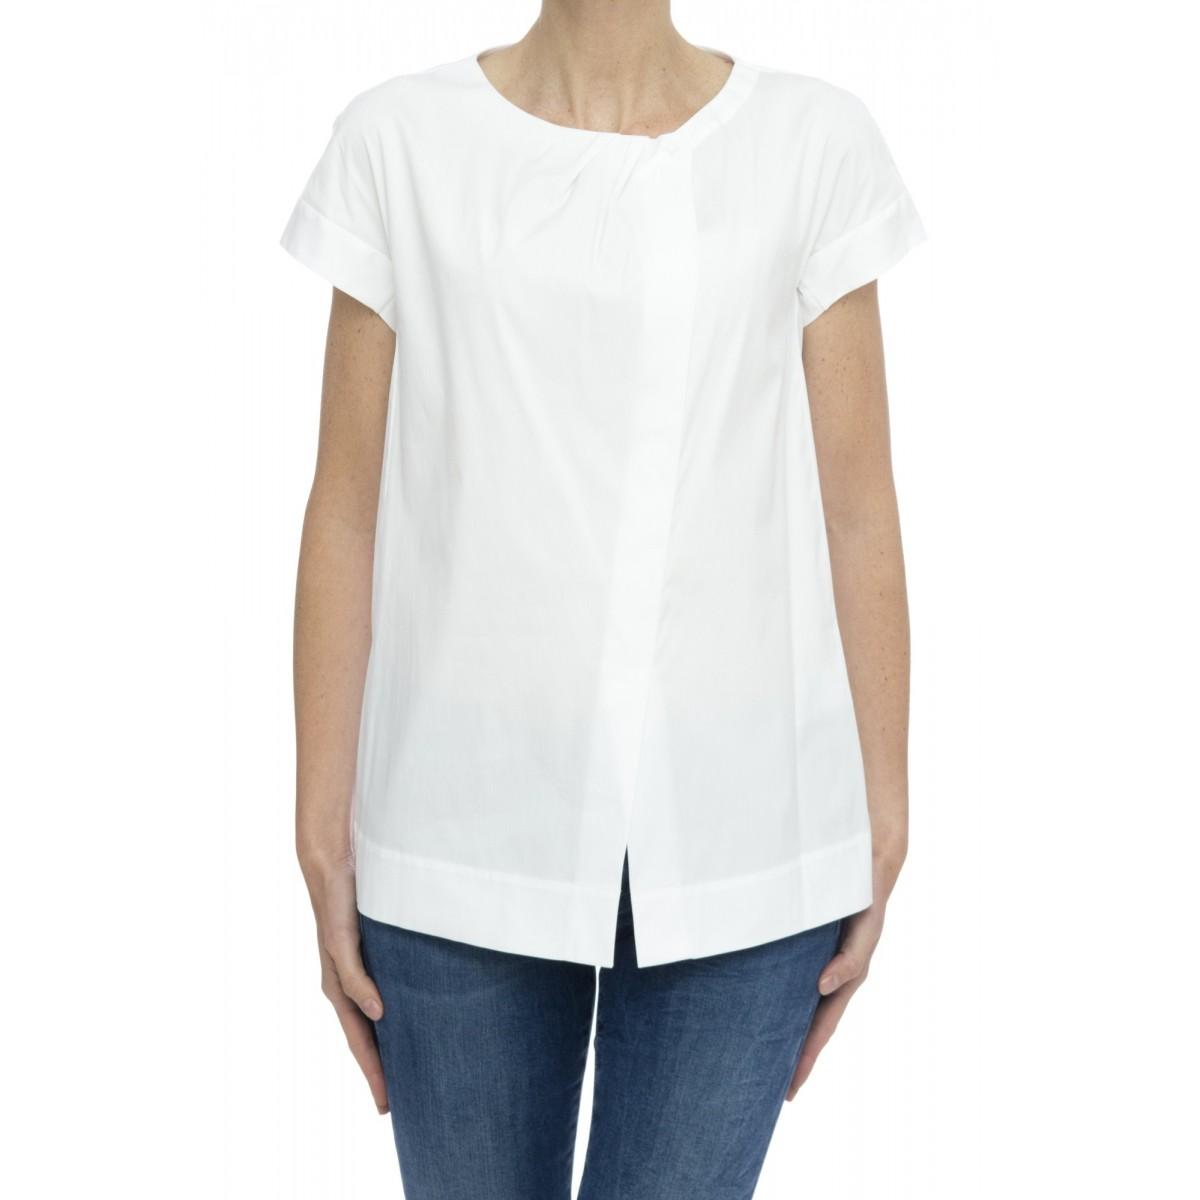 Camicia manica corta donna - R13 d43 pop cotone